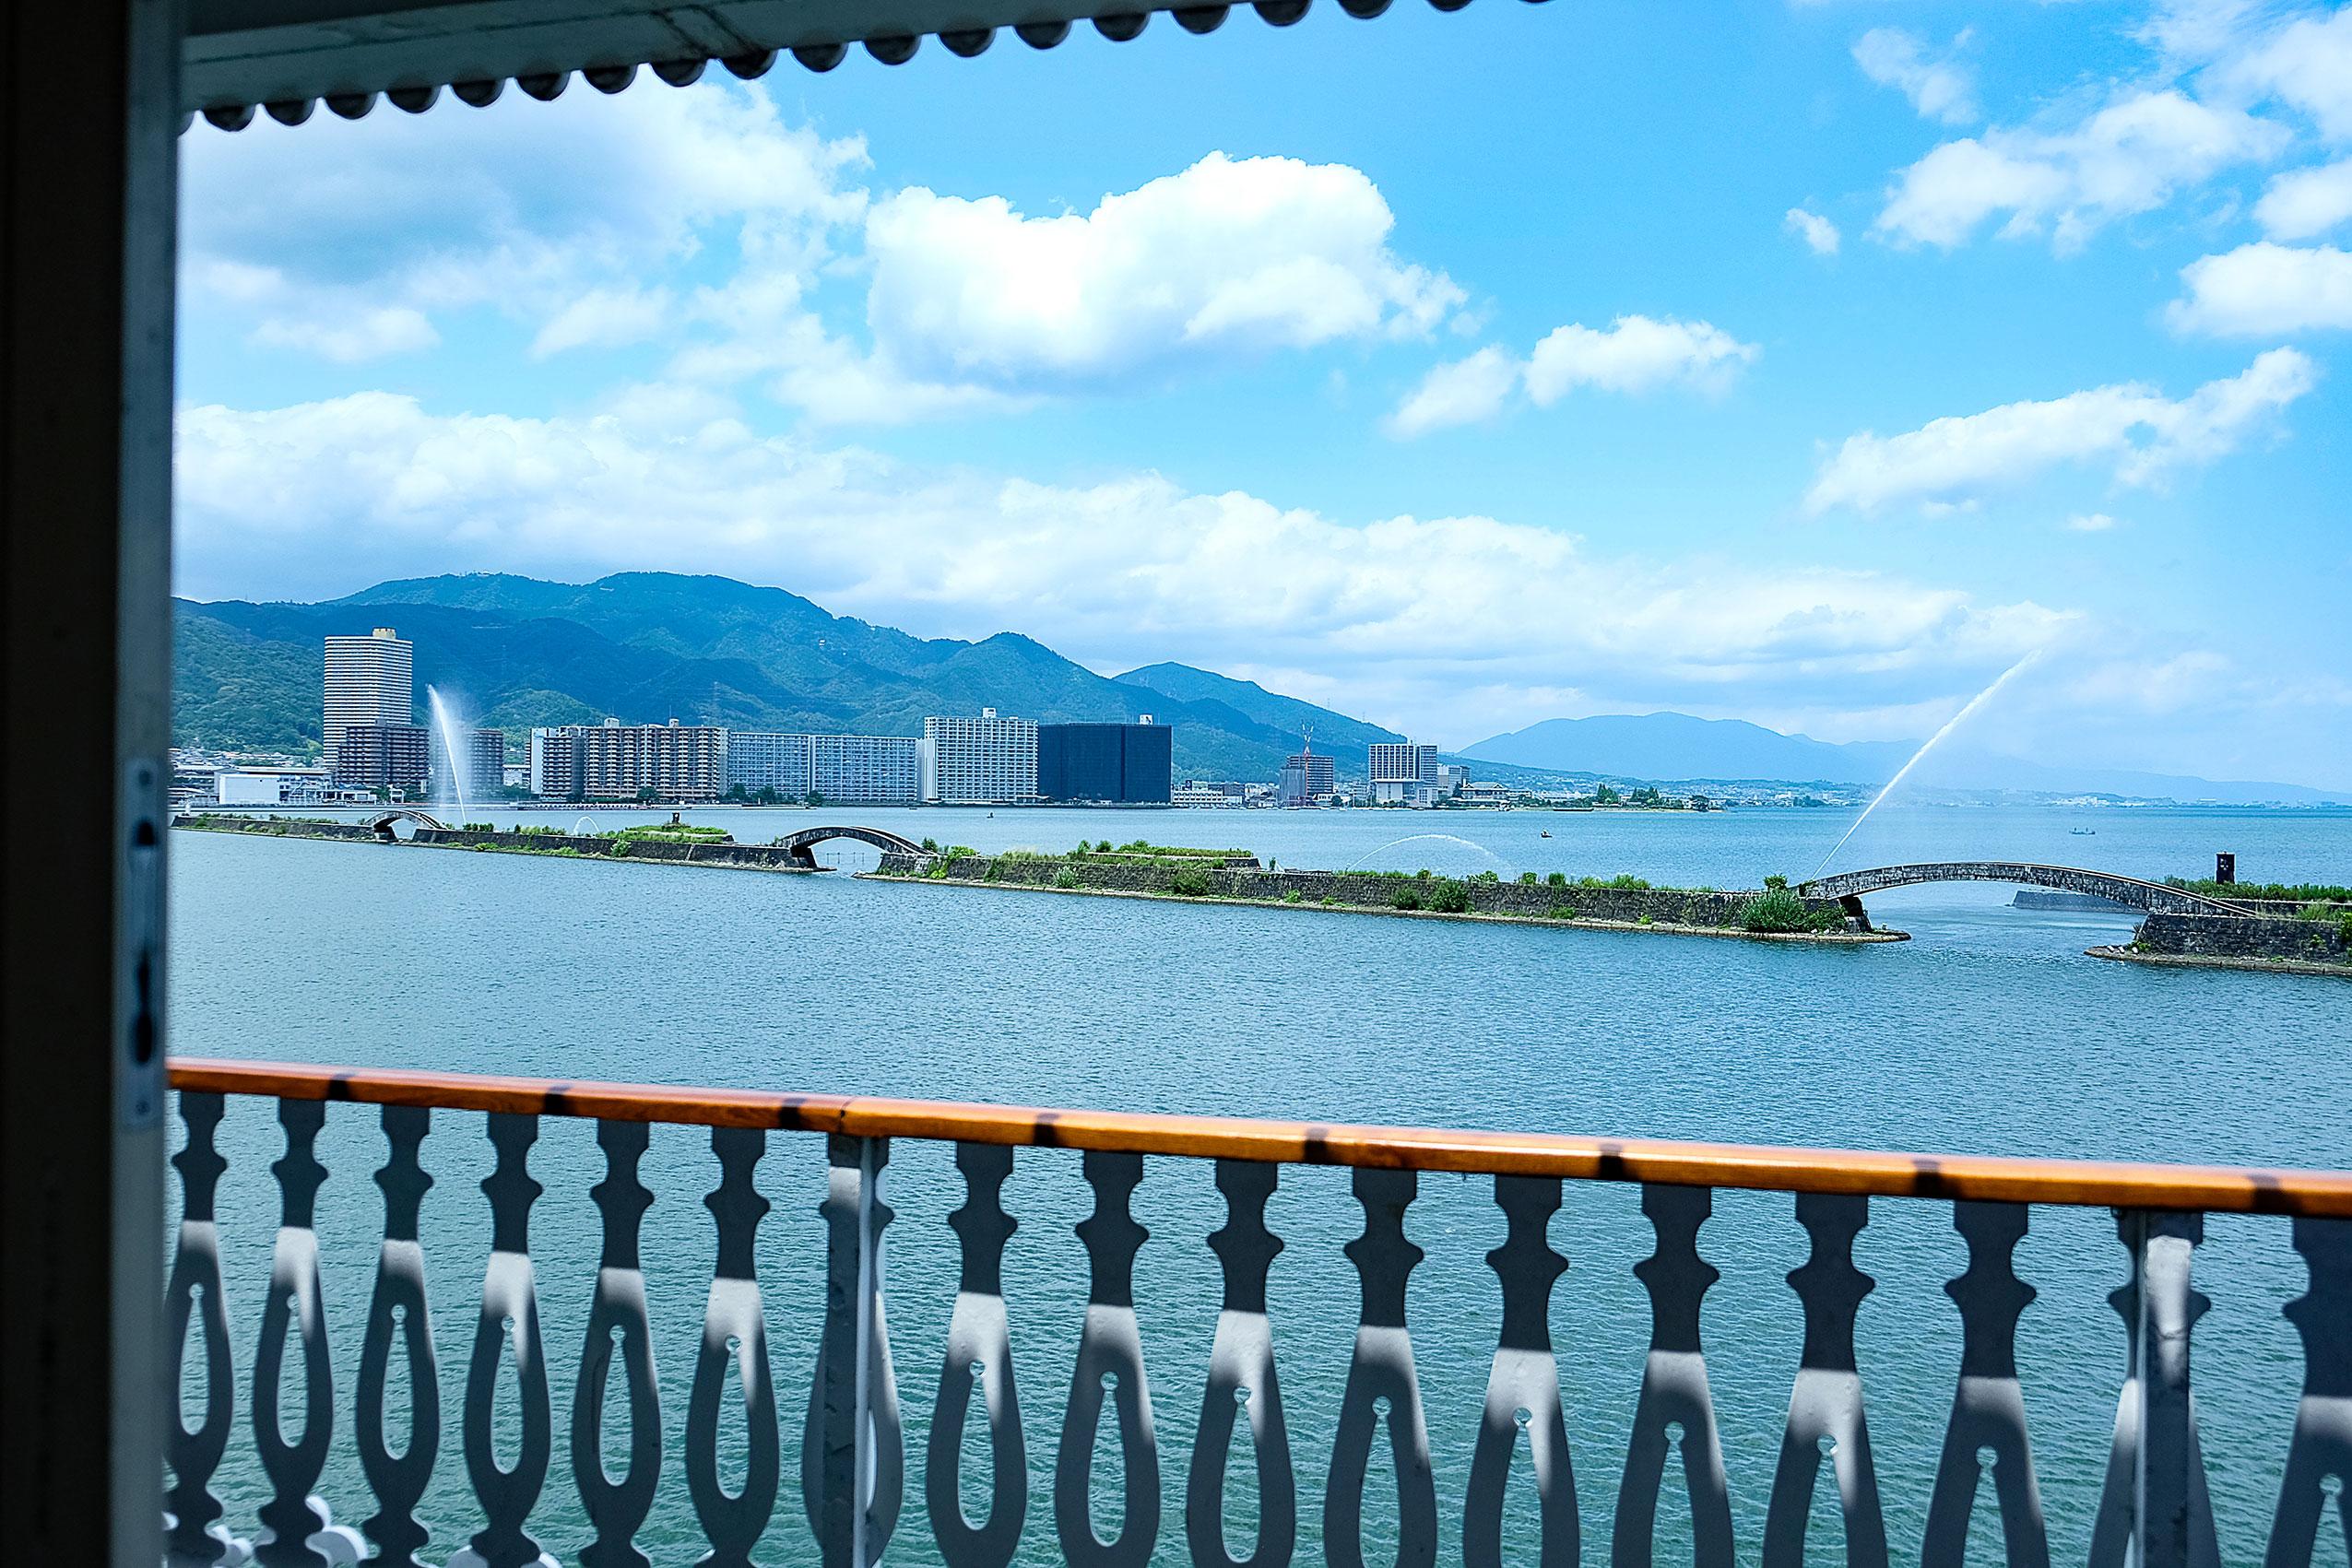 港の防波堤に近づくと運がよければ「びわこ花噴水」の様子が見られることもある